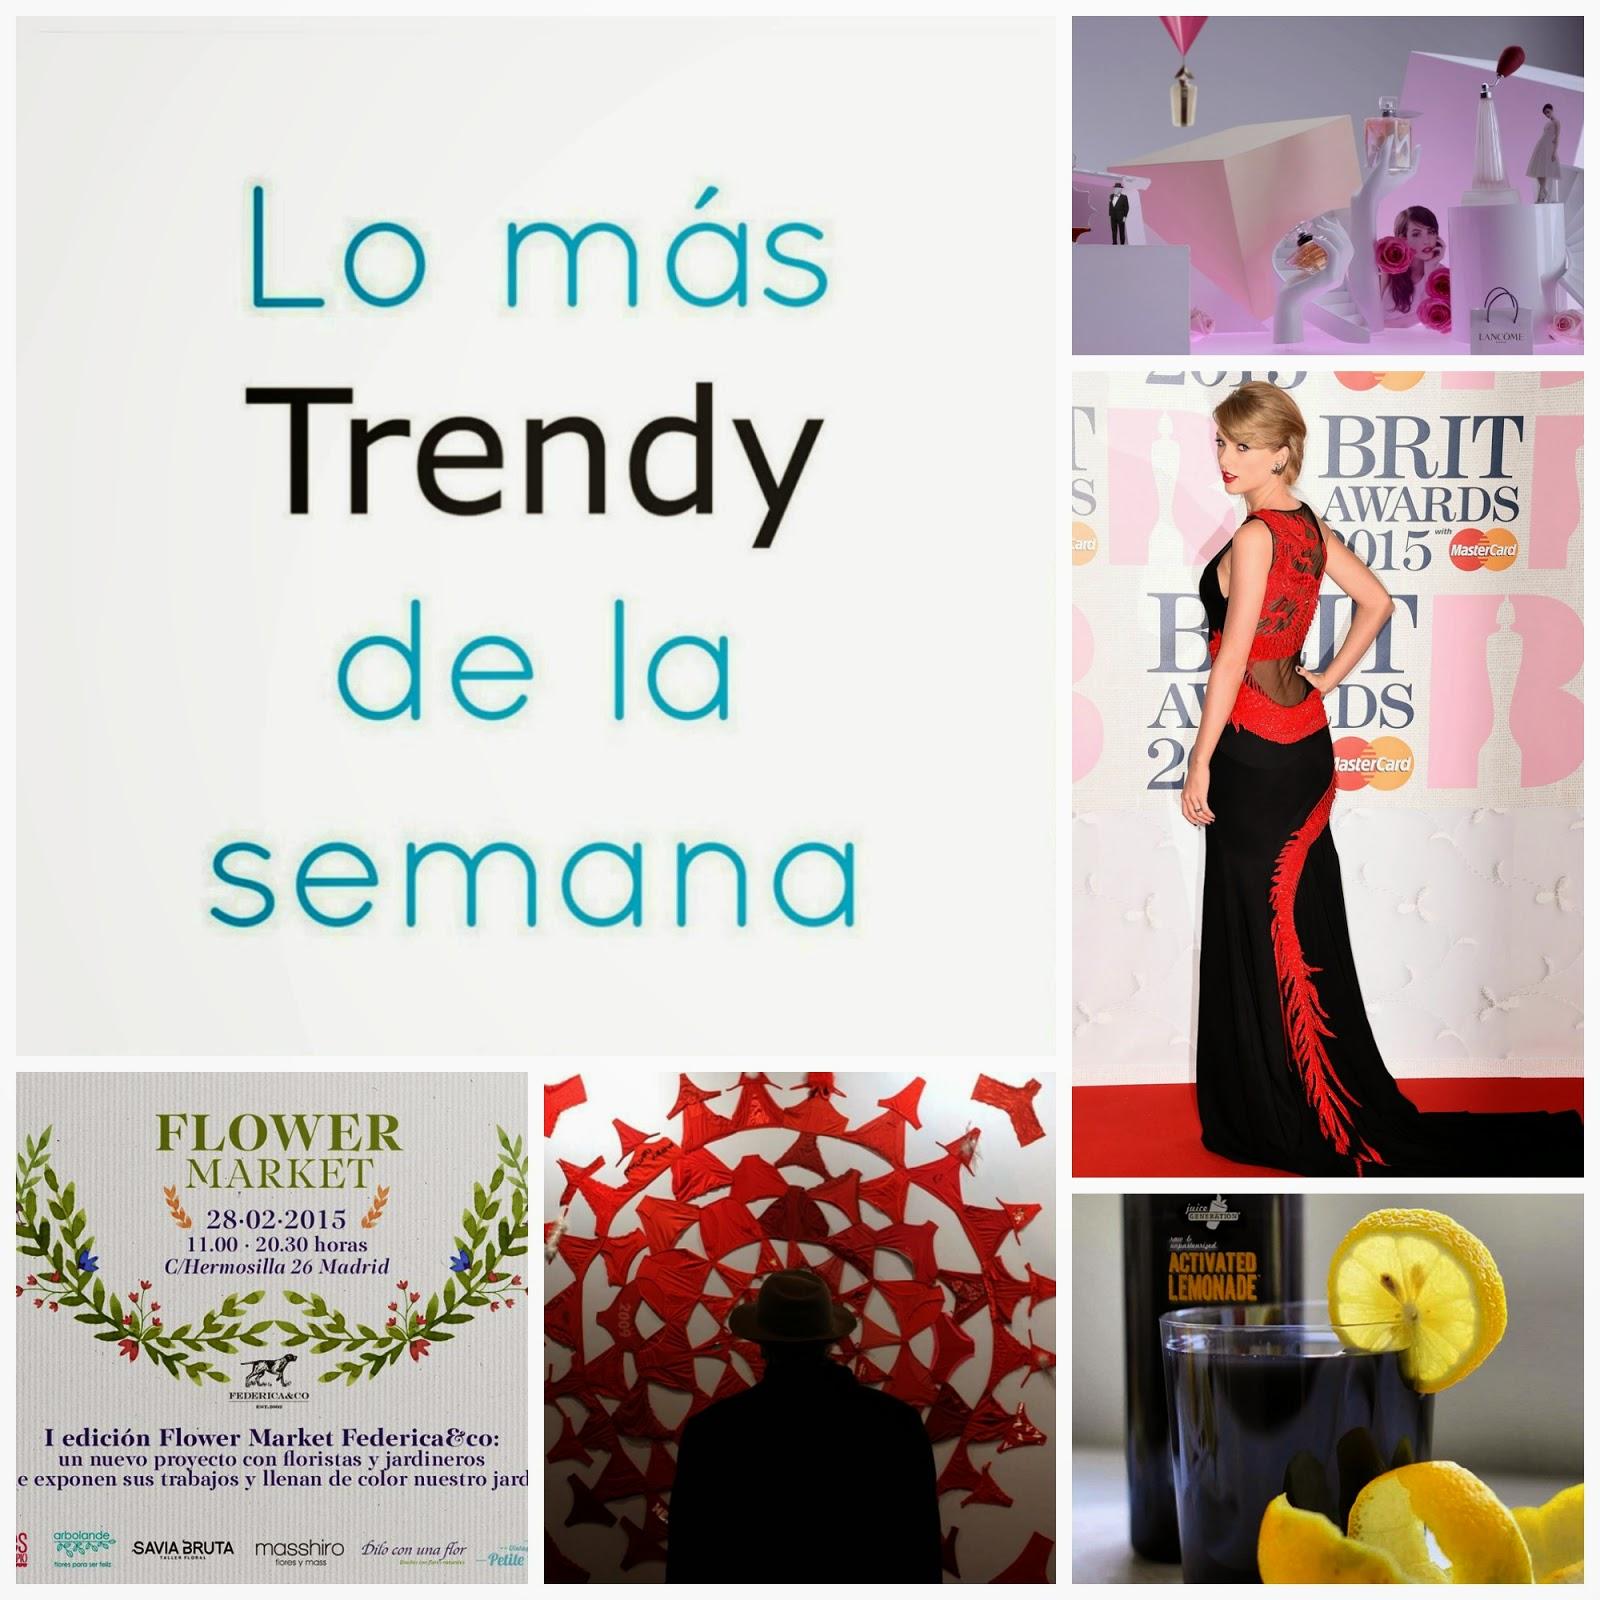 Lo más trendy de la semana Esencia Trendy celebs Arco foody flowers febrero que hacer Madrid